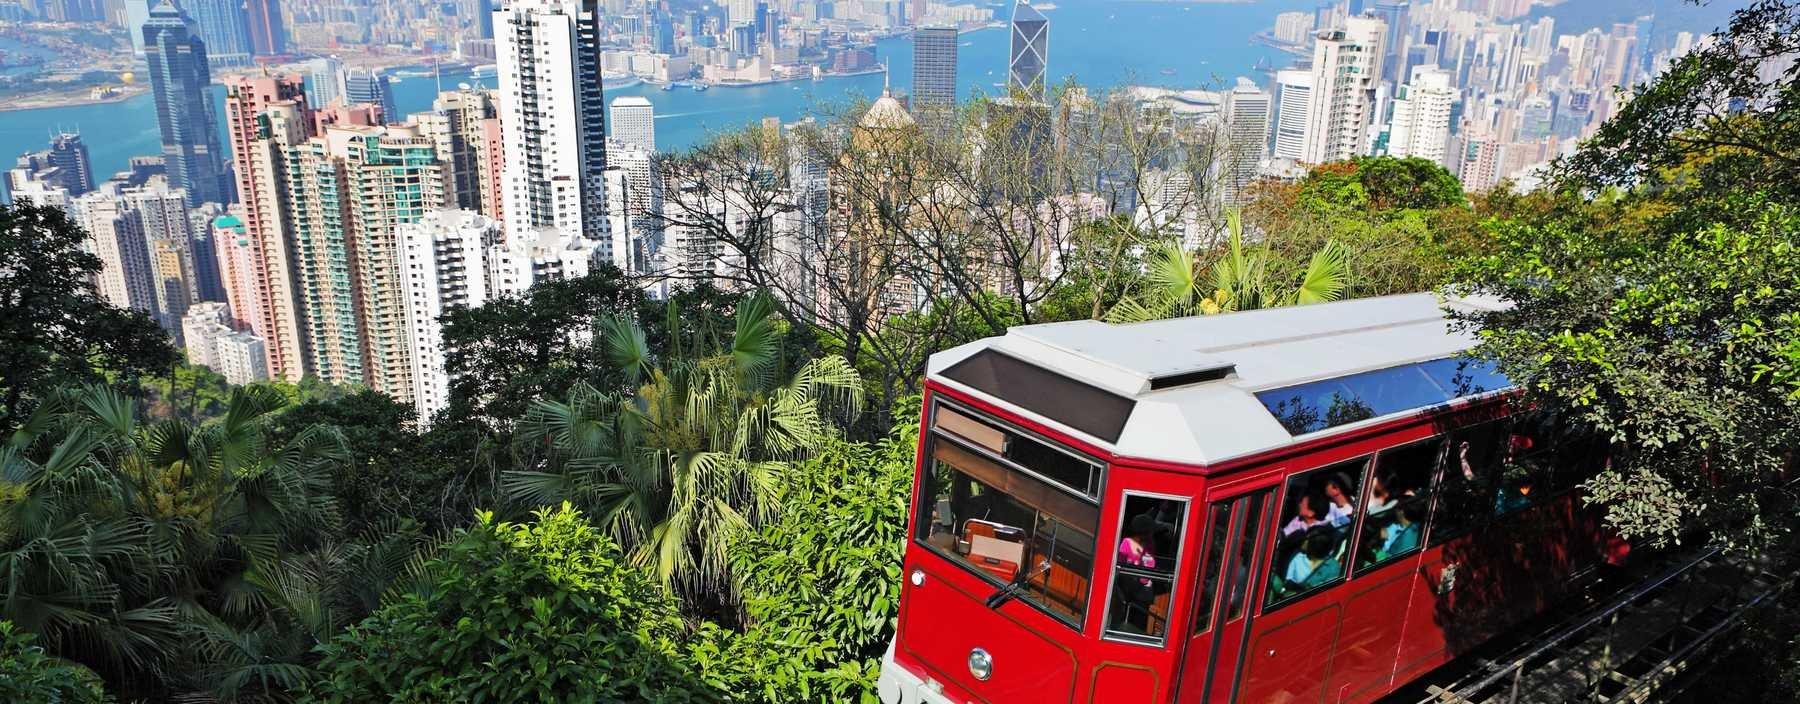 cn, hongkong, peak tram.jpg